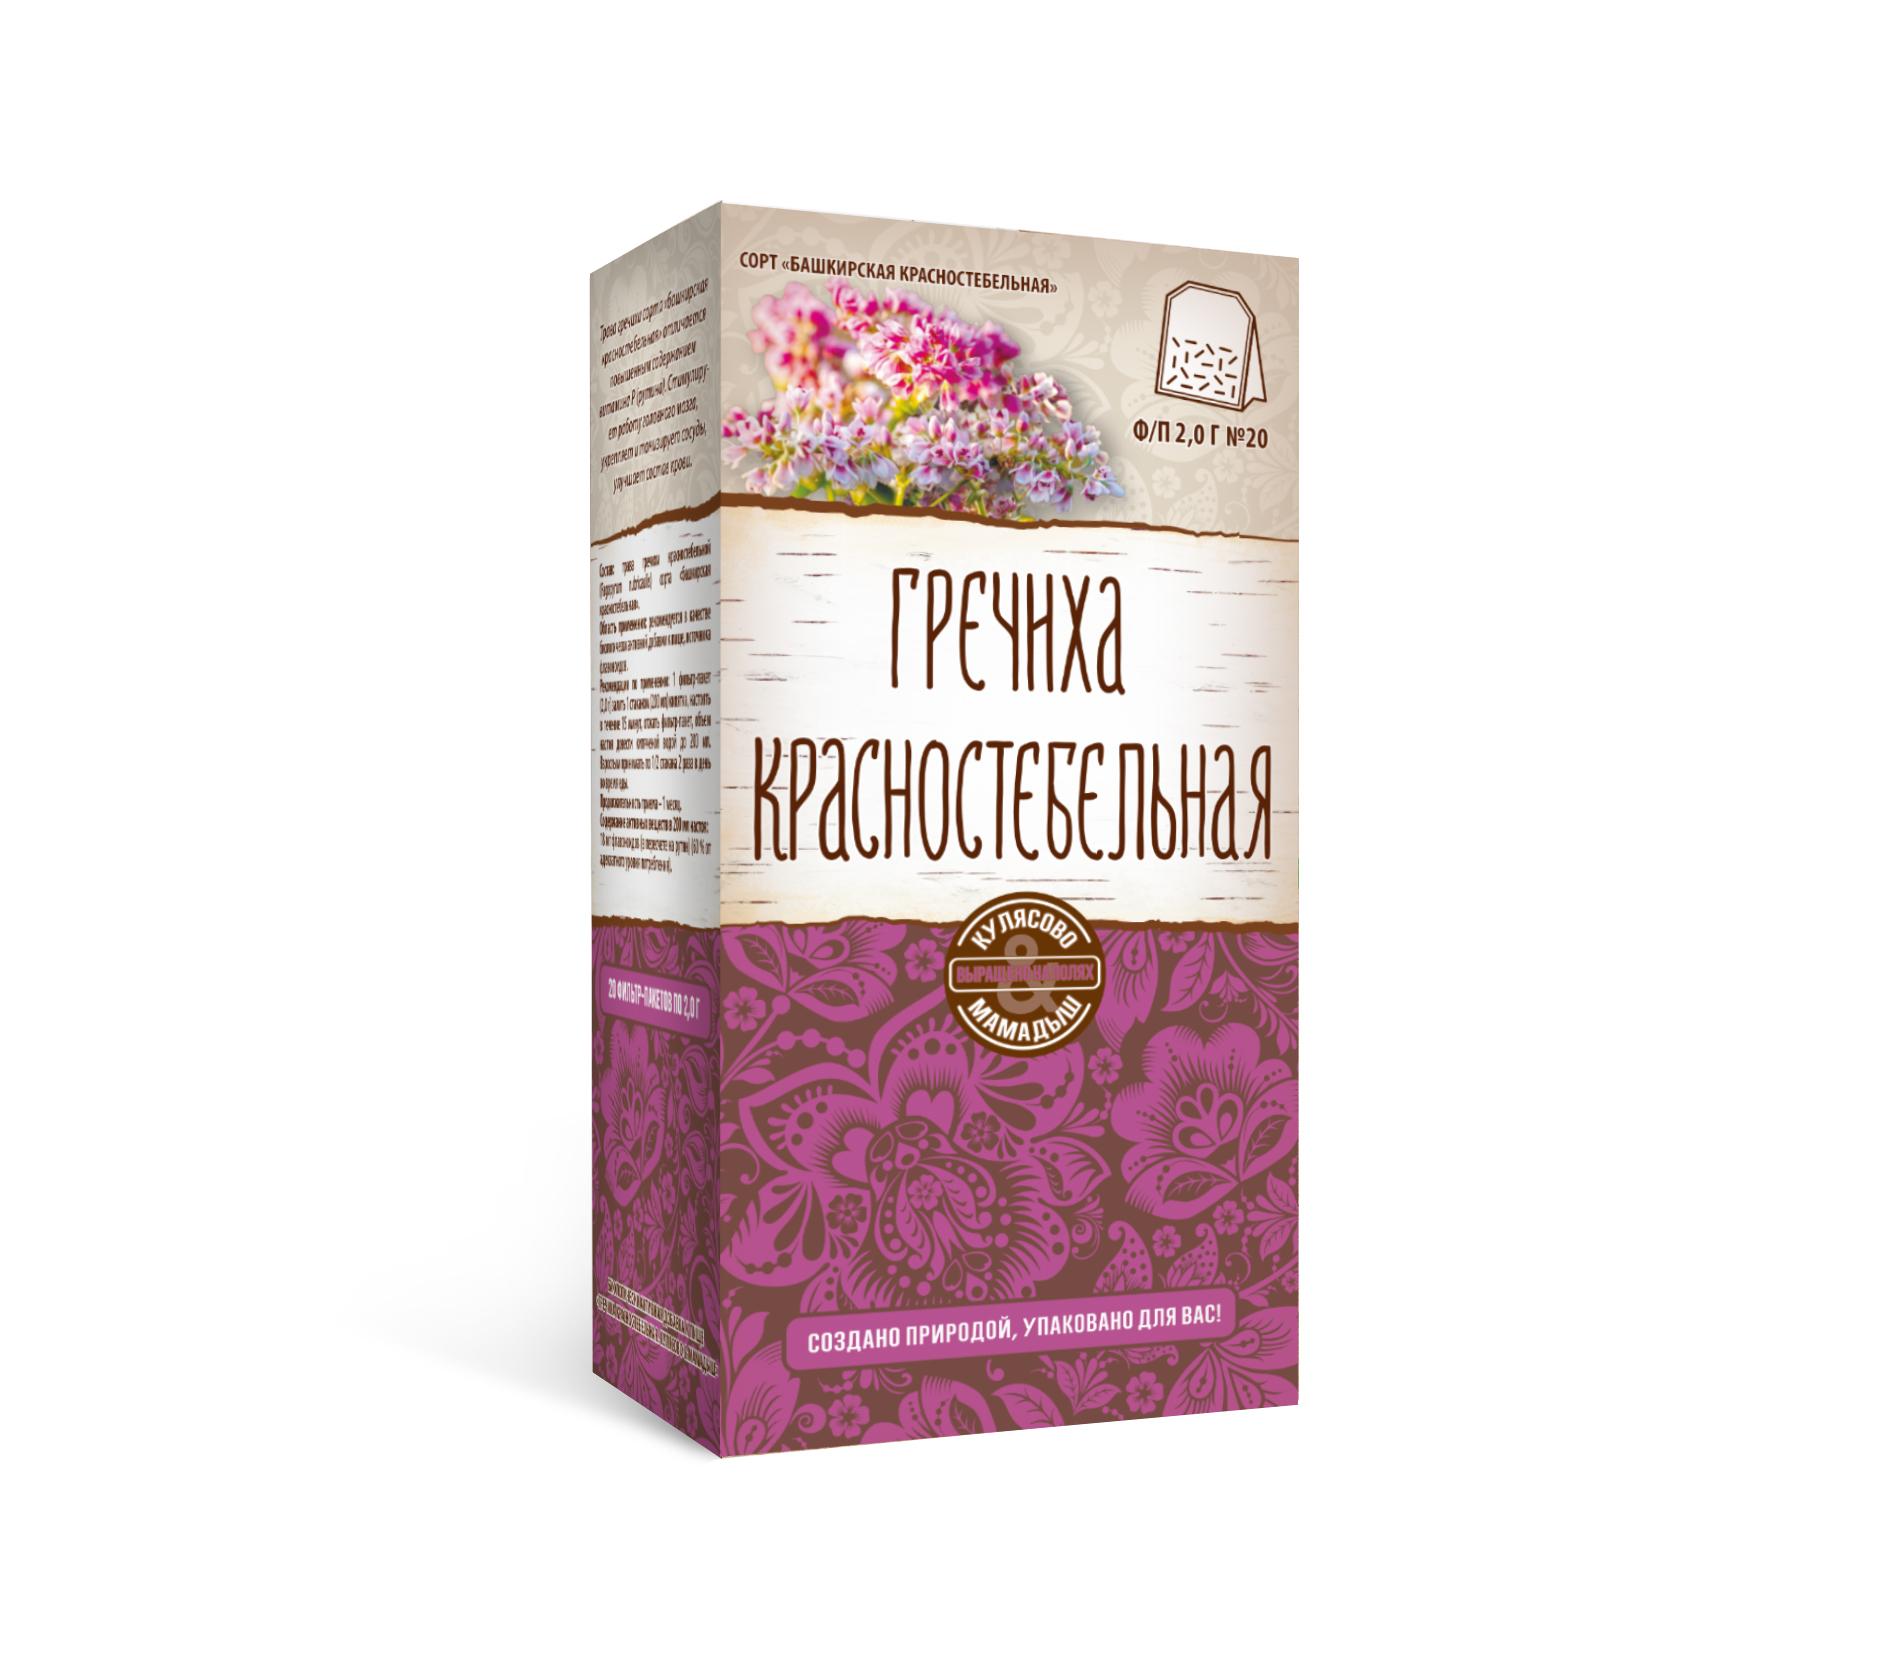 Гречихи красностебельной трава (фильтр-пакеты): описание, инструкция по применению